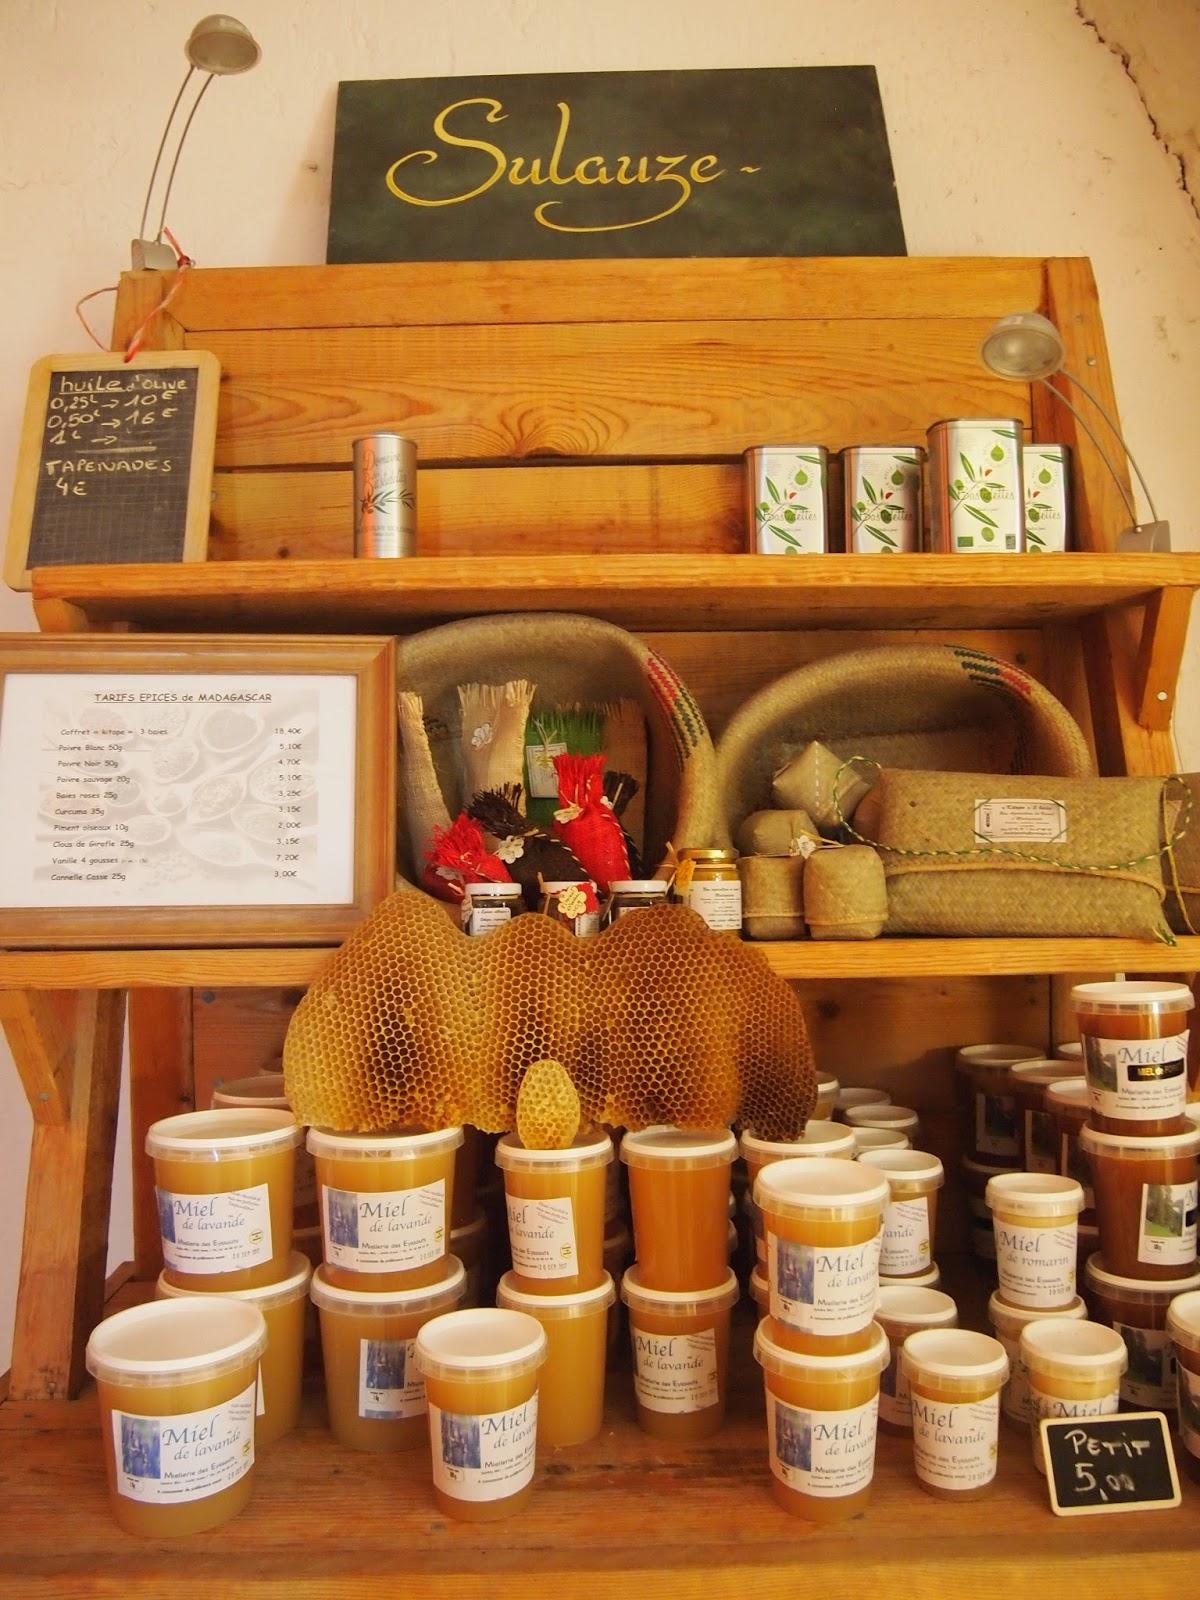 ご近所さんの造るハチミツやオリーブオイルも販売